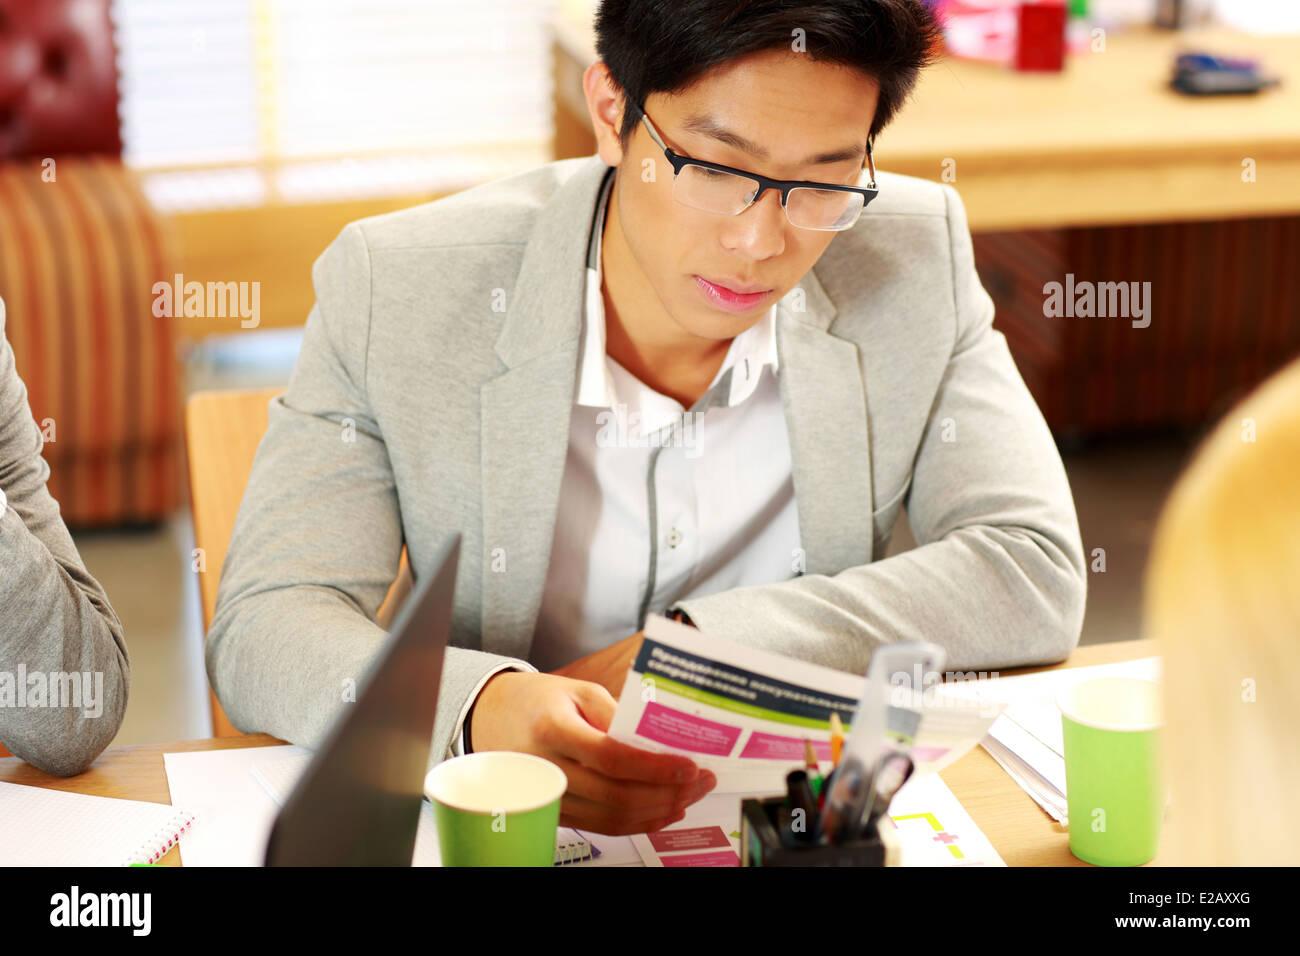 Imprenditore asiatici in bicchieri di sedere a tavola e istruzioni per la lettura in office Immagini Stock